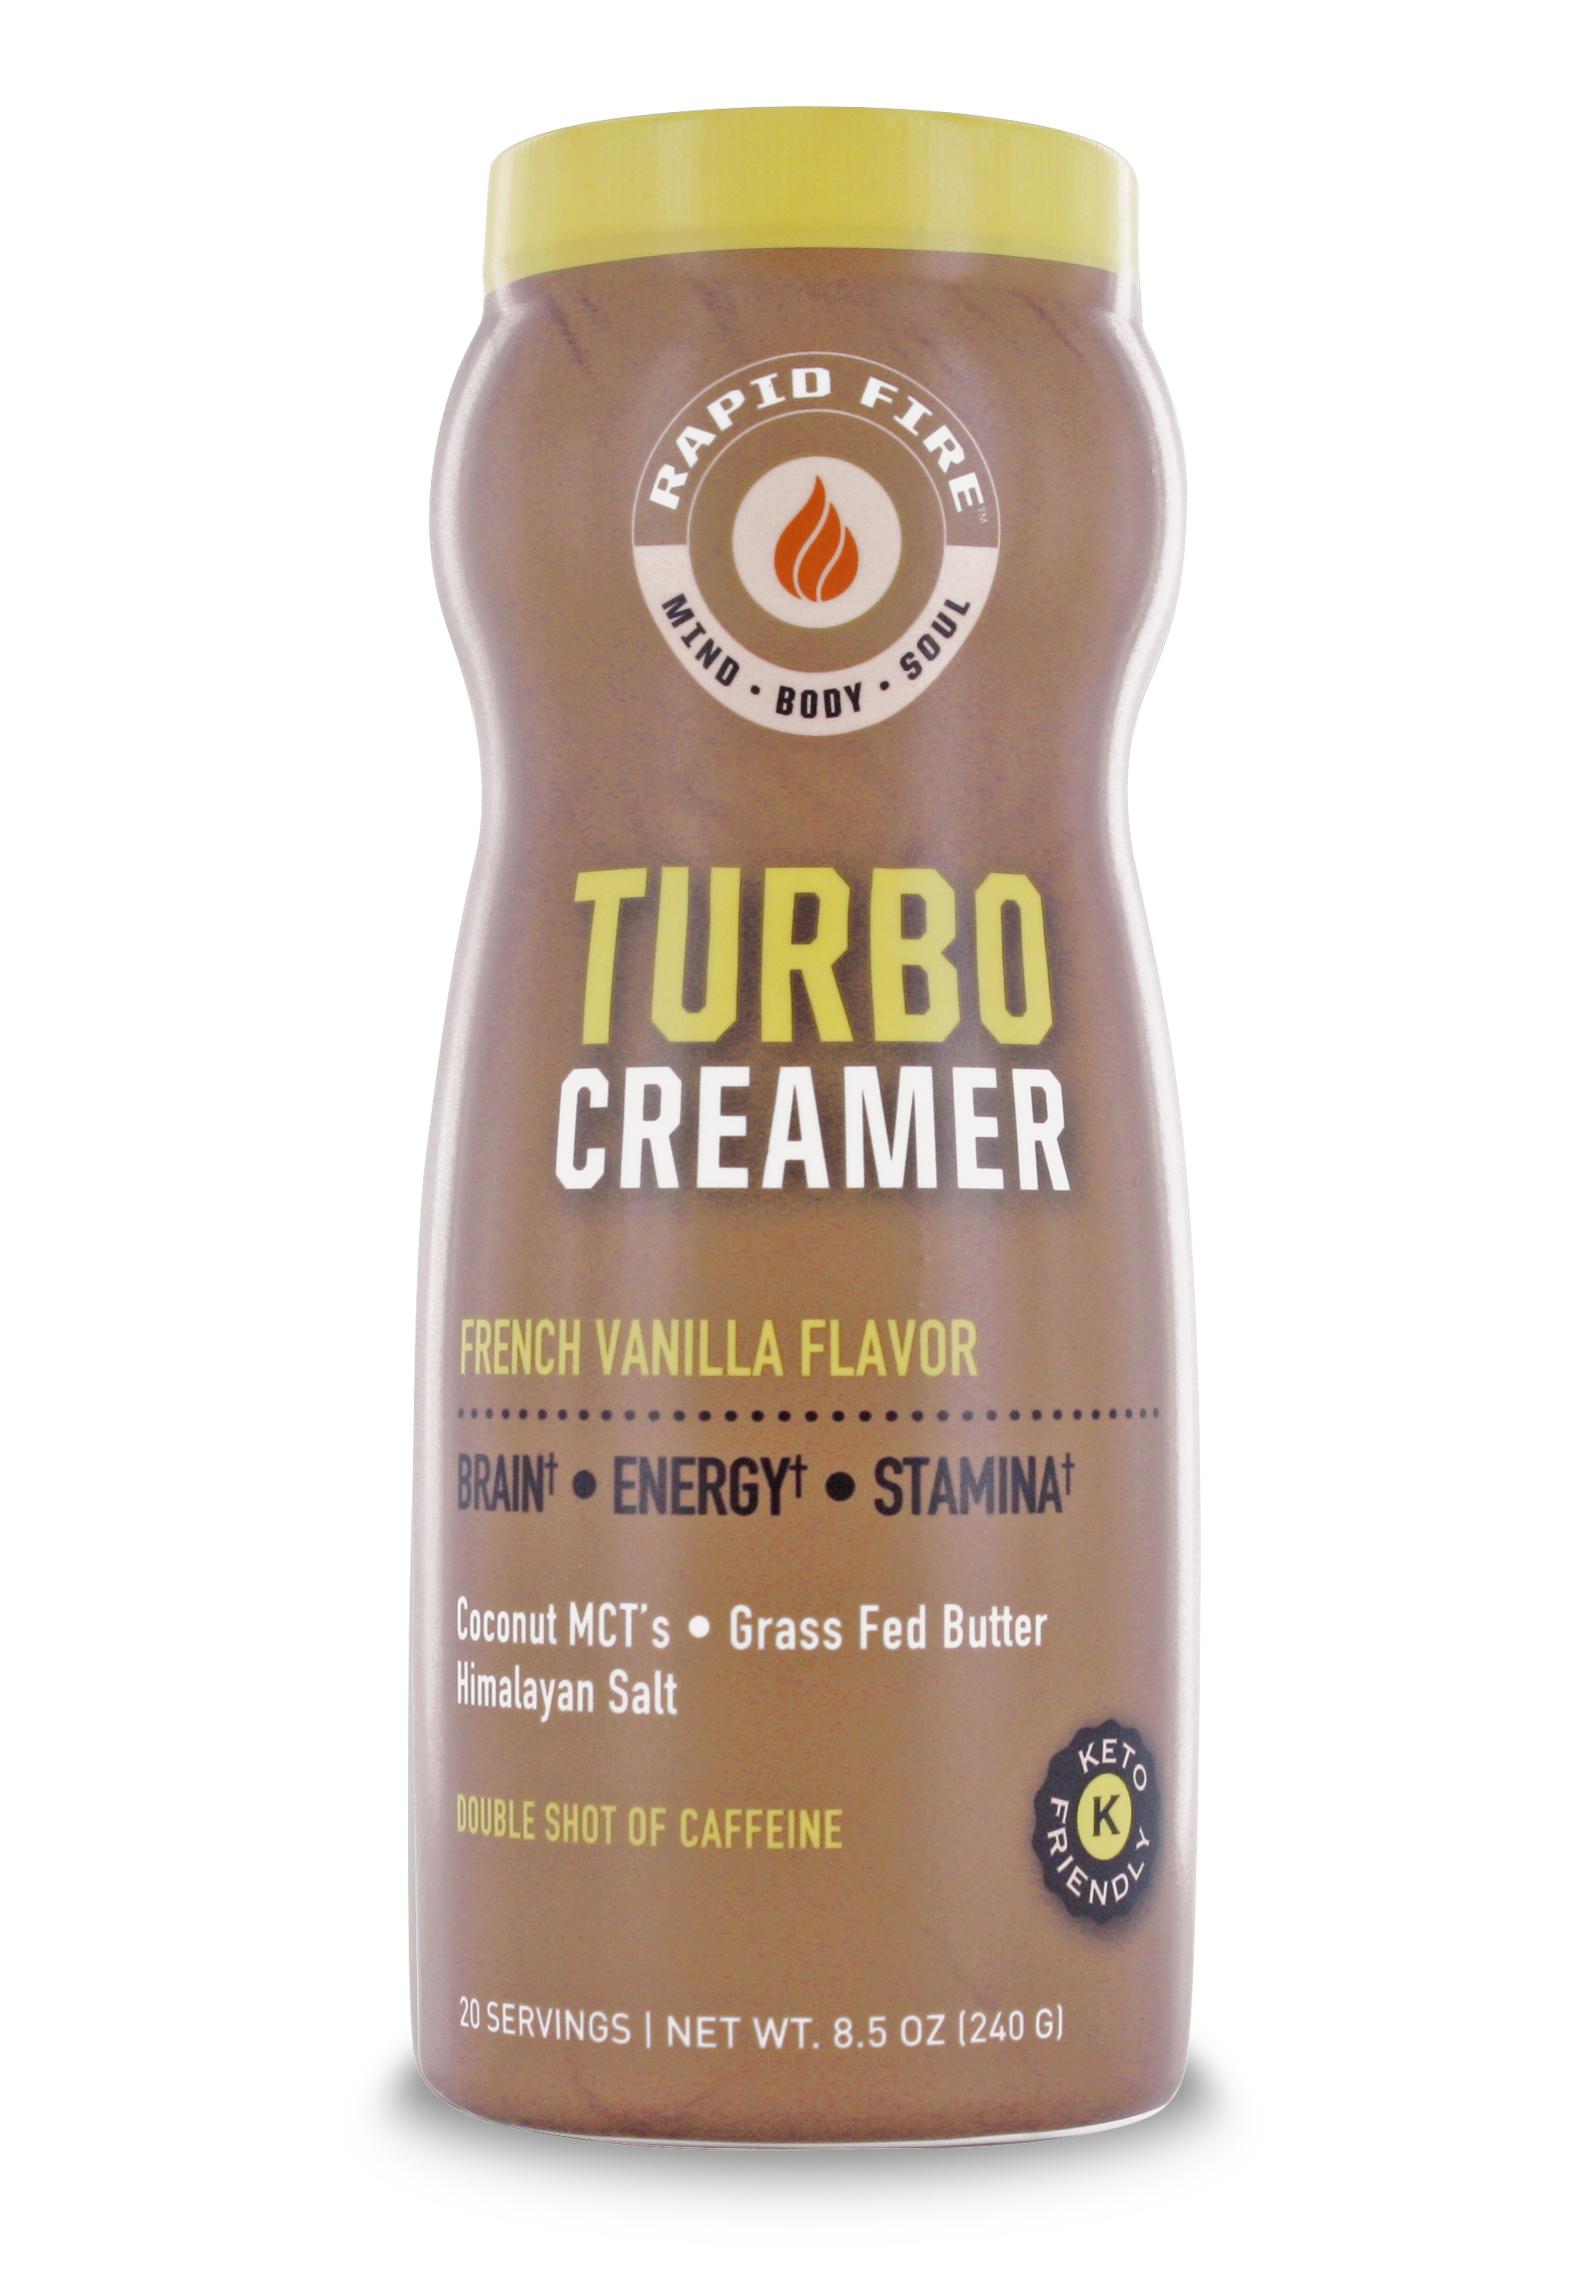 Rapid Fire Turbo Creamer - Windmill Vitamins